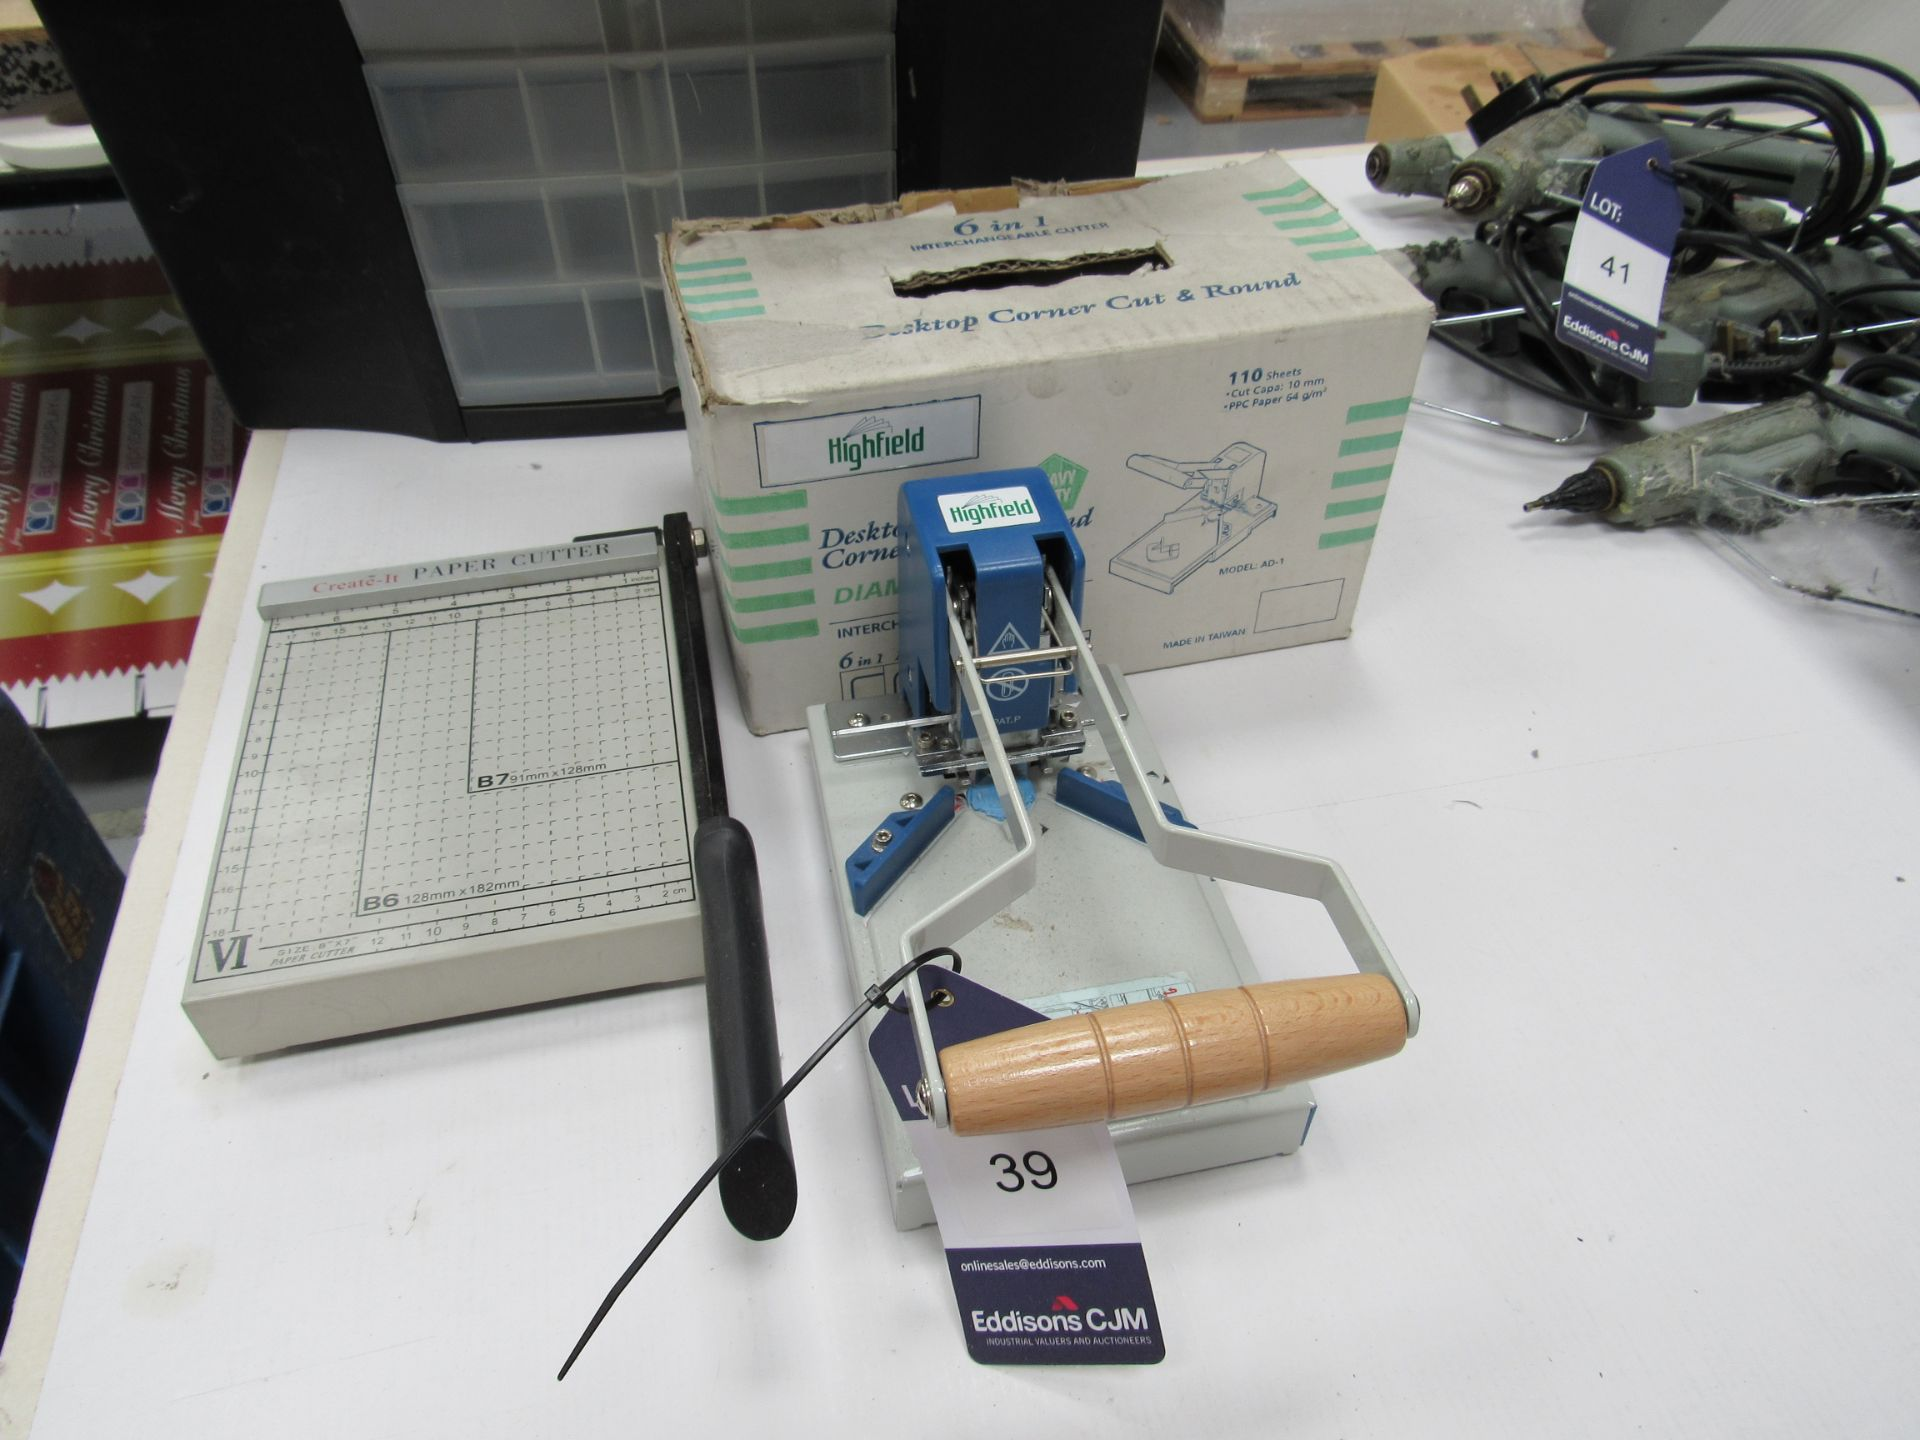 Create IT Paper Cutter and Highfield Desktop Corner Cutter - Image 2 of 2